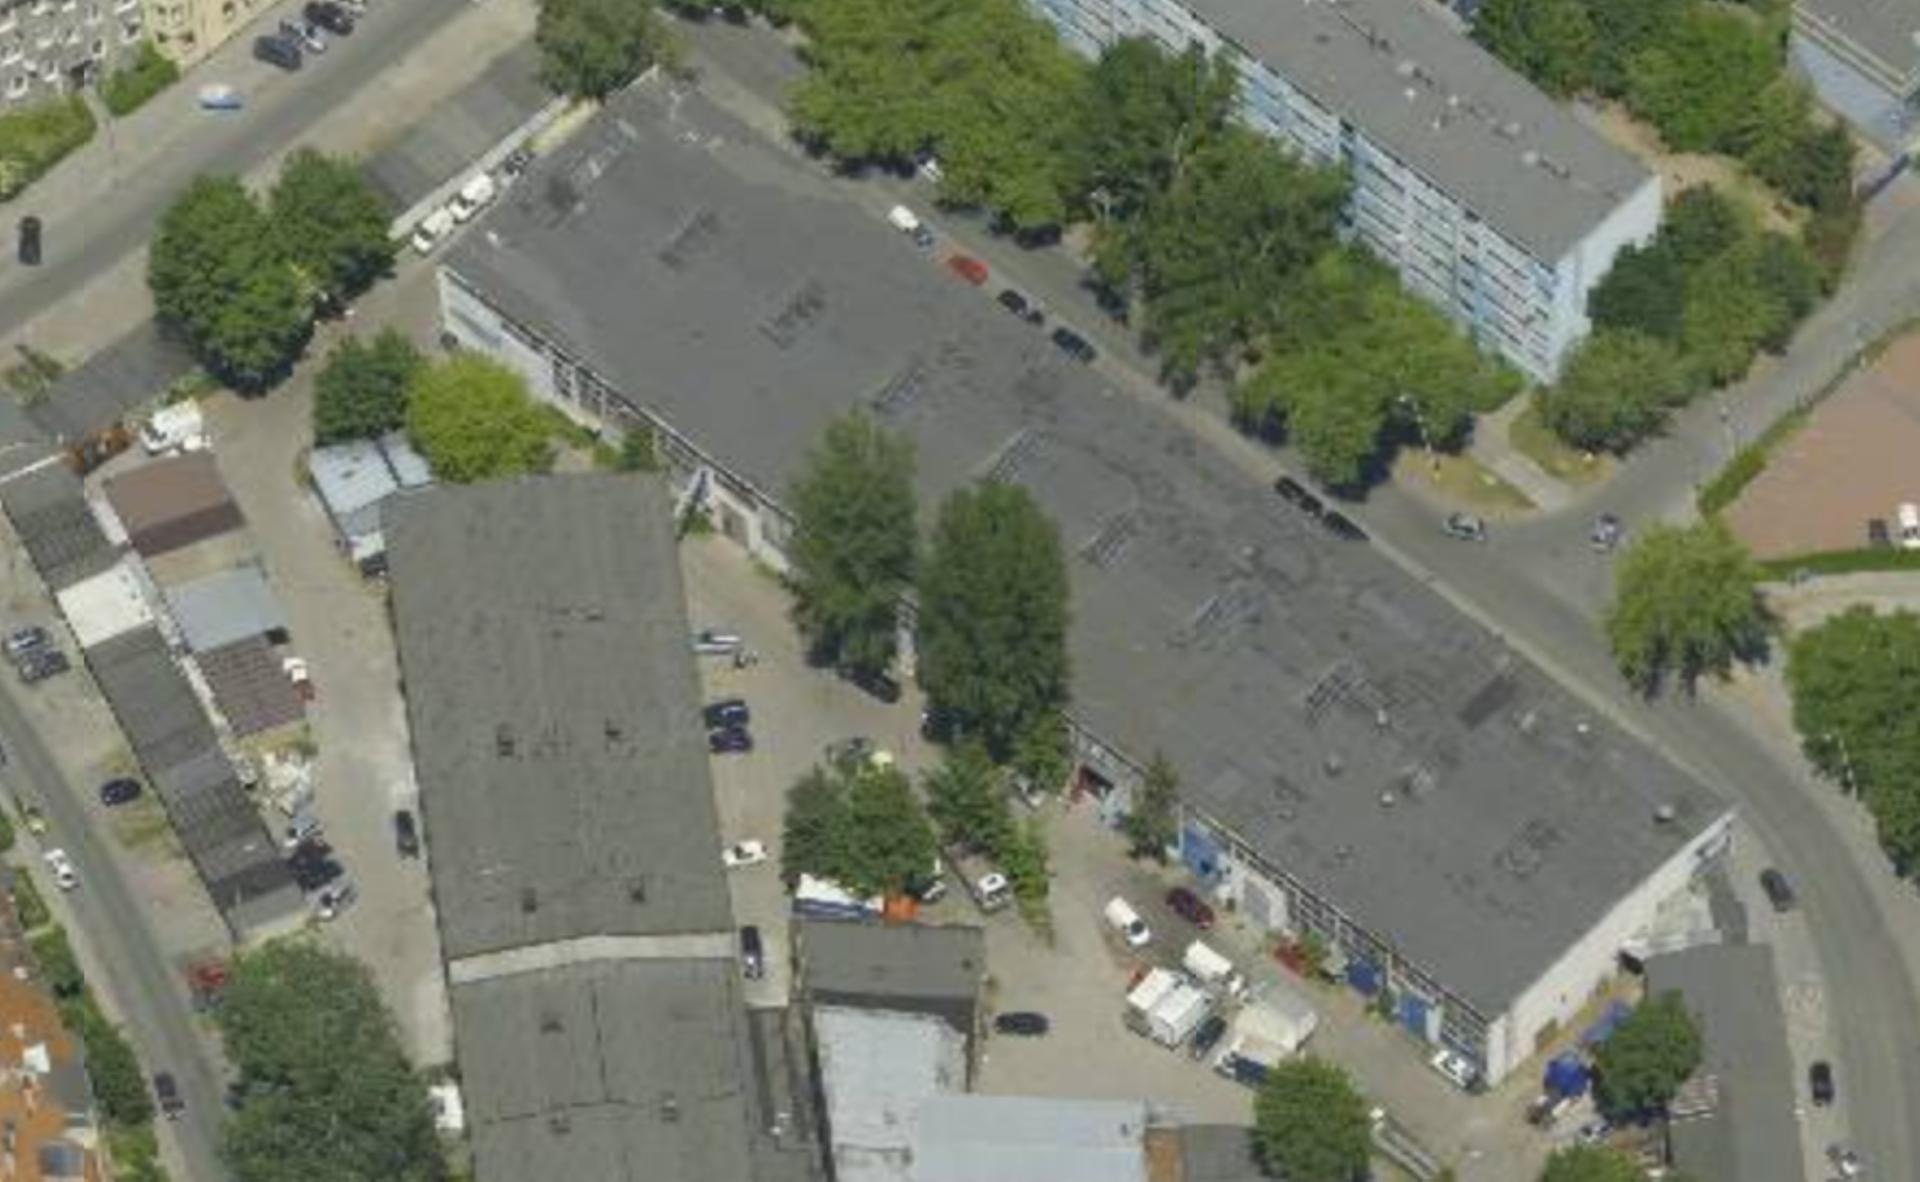 Wrocław: Nowe mieszkania przy parku trampolin. Inwestor wyburzy magazyny?